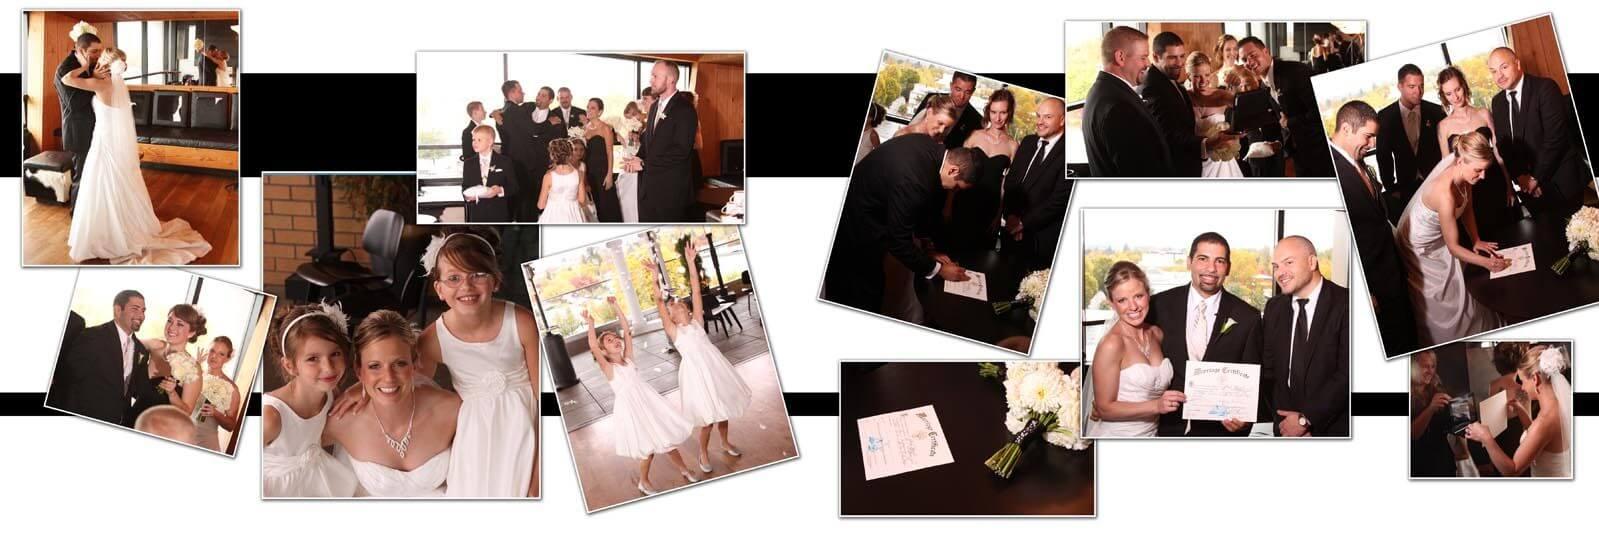 The-Vue-Indoor-Wedding-Venue-Corvallis-Oregon-wedding-photographers036-037.jpg